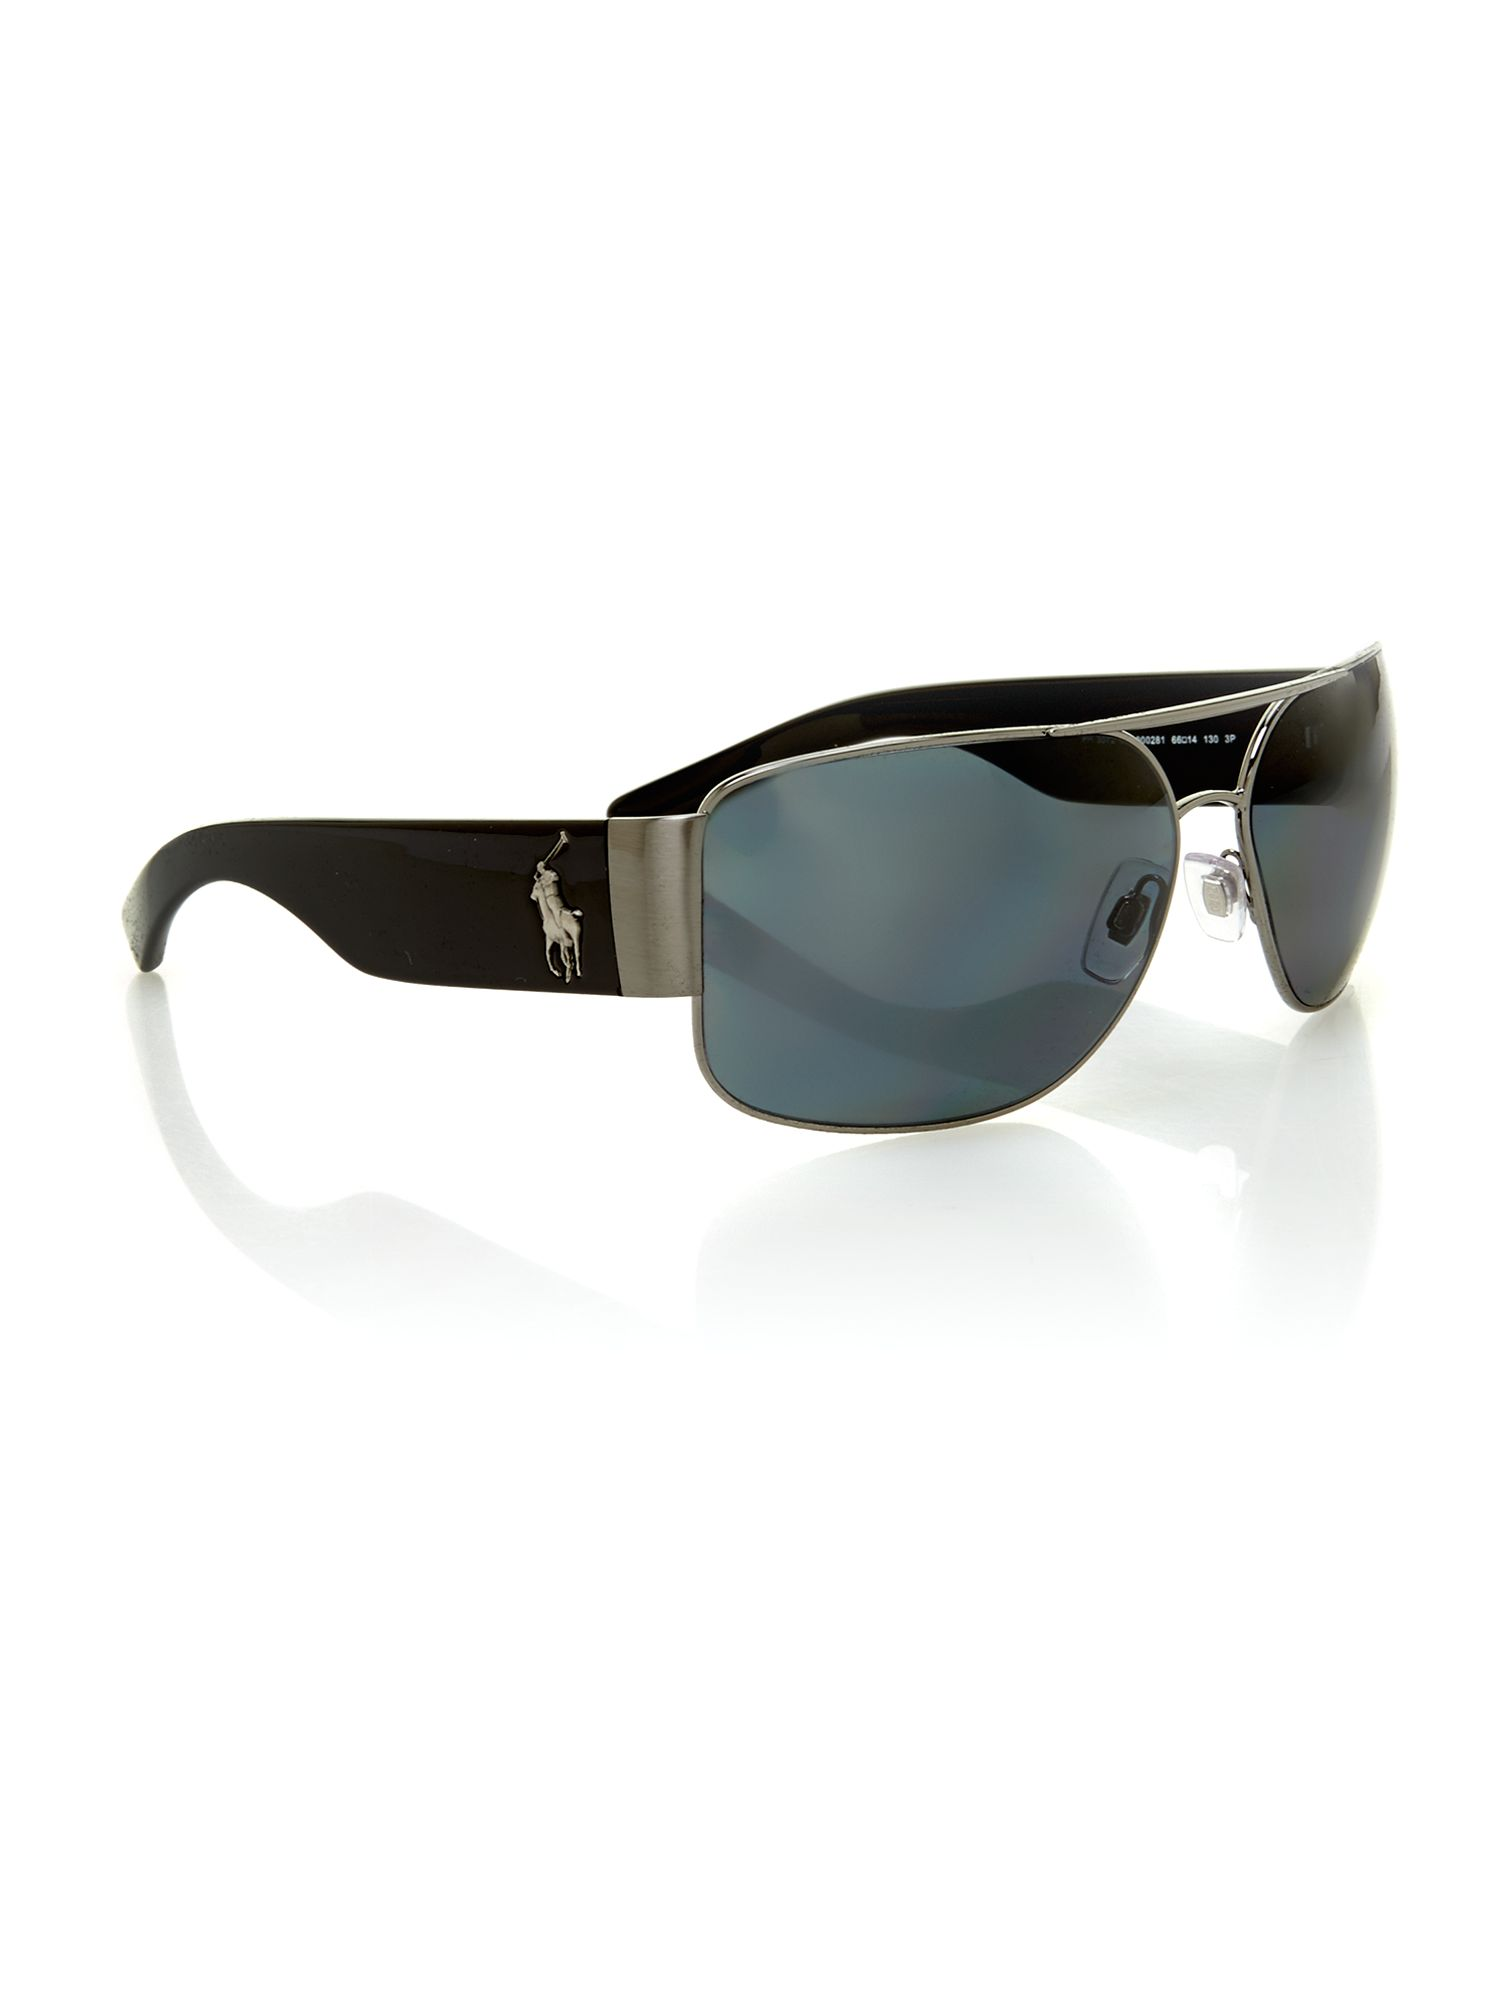 99037902a0 Polo Ralph Lauren Sunglasses Men